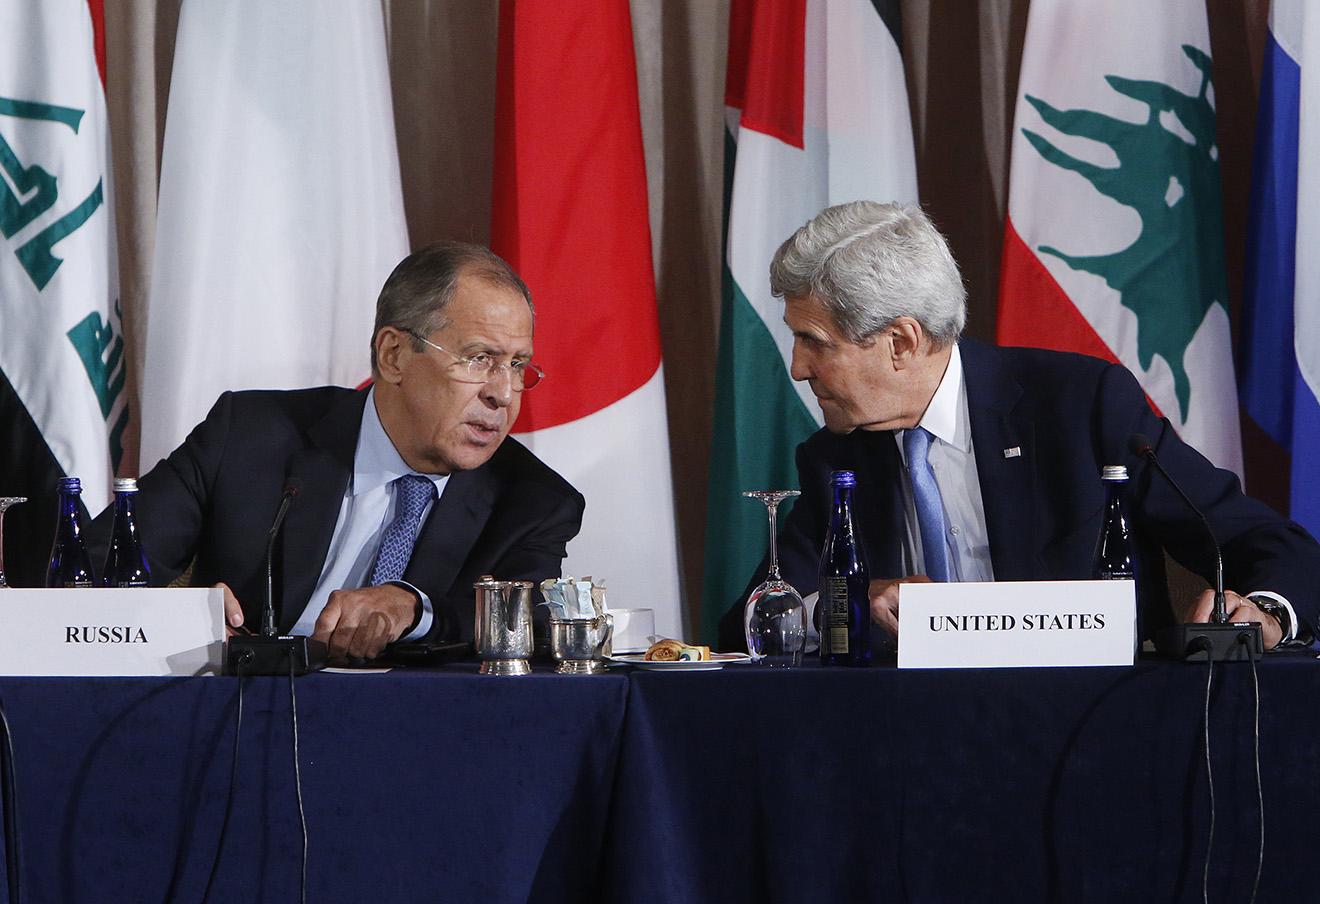 Сергей Лавров и Джон Керри во время встречи международной группы поддержки Сирии. Нью-Йорк, 22 сентября, 2016 год. Фото: Jason DeCrow / AP / East News